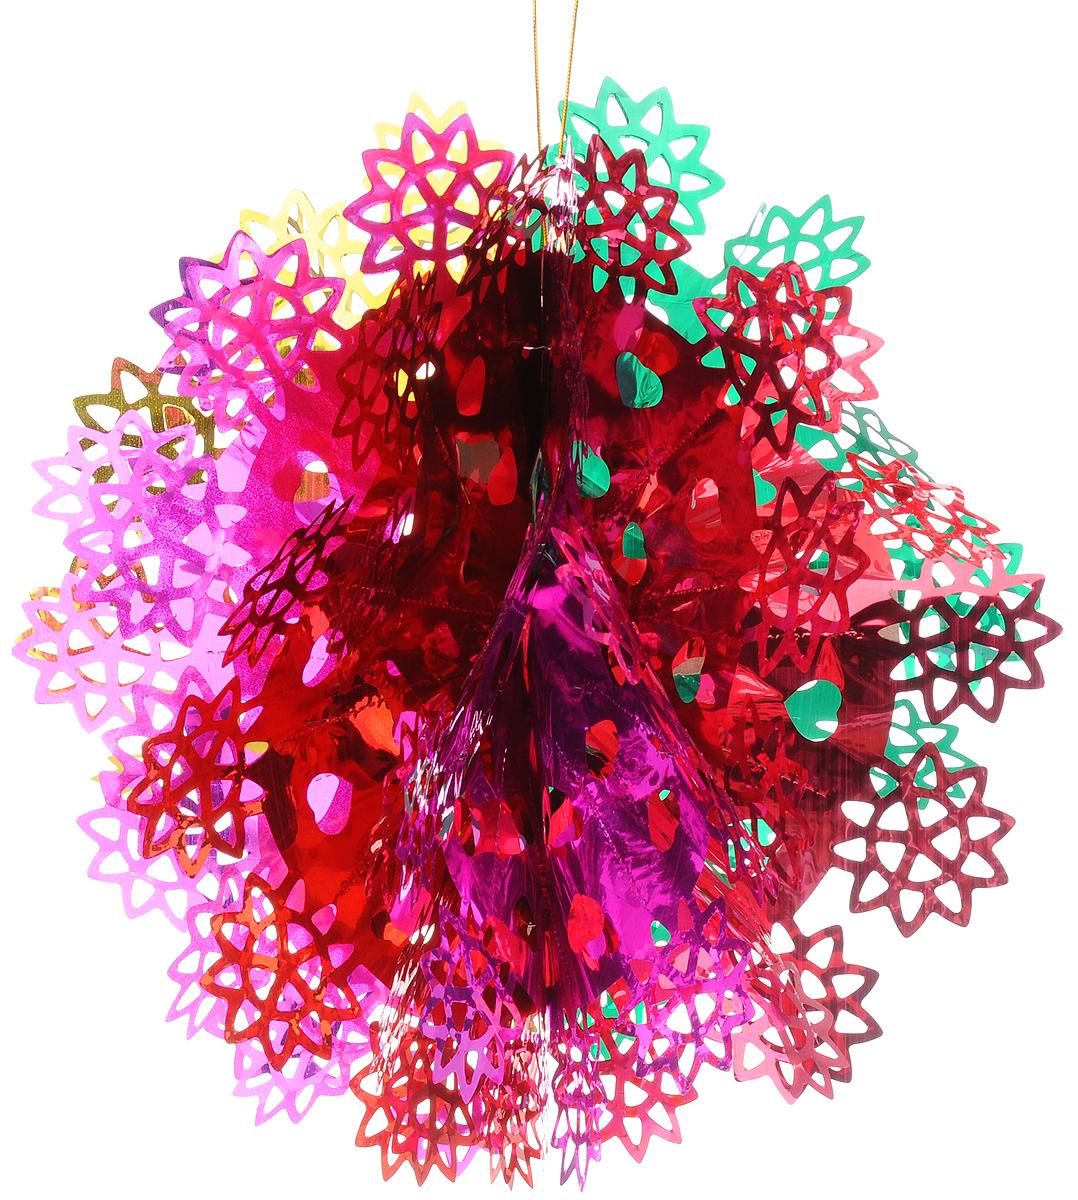 Украшение новогоднее подвесное Magic Time Снежинка цветная, 35 x 1842759/76231Новогоднее подвесное украшение Magic Time Снежинка цветная выполнено из ПЭТ (полиэтилентерефталат) в виде снежинки. С помощью специальной петельки украшение можно повесить в любом понравившемся вам месте. Игрушка удачно будет смотреться под потолком.Новогоднее украшение Magic Time Снежинка цветная несет в себе волшебство и красоту праздника. Создайте в своем доме атмосферу веселья и радости, с помощью игрушек, которые будут из года в год накапливать теплоту воспоминаний.Материал: полиэтилентерефталат.Размер: 35 х 18 см.